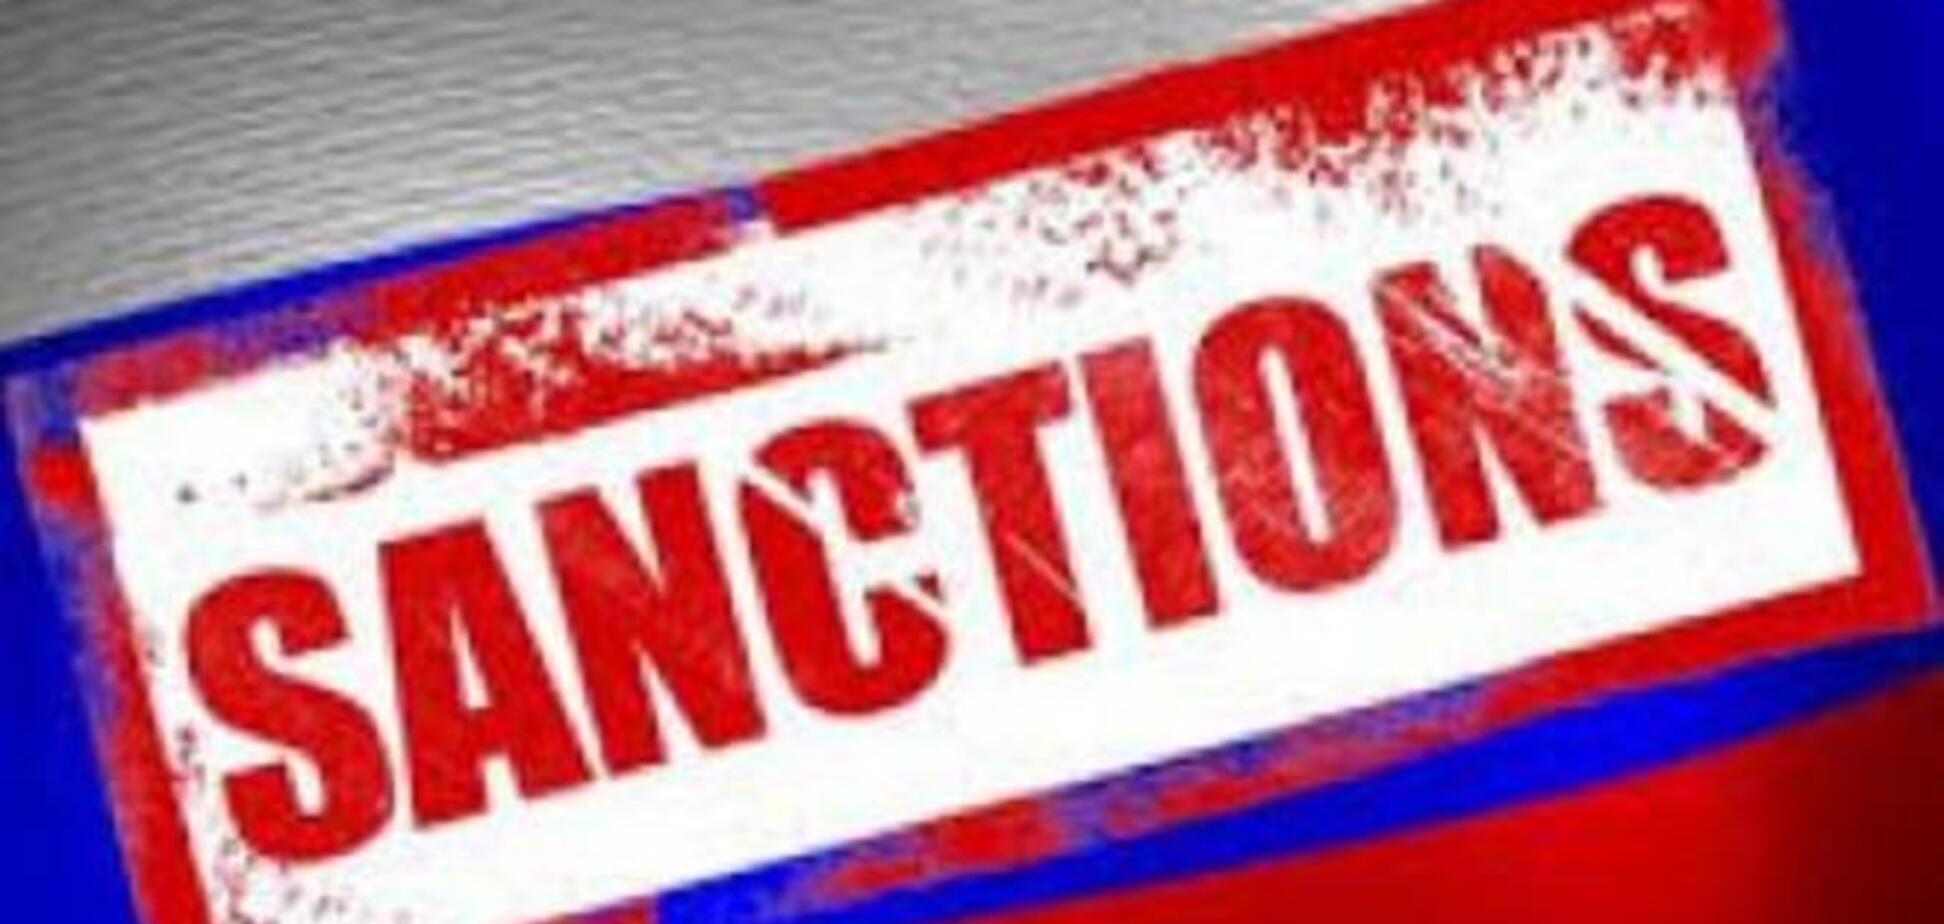 Новые санкции ЕС против России вступили в силу: полный список попавших под удар предприятий